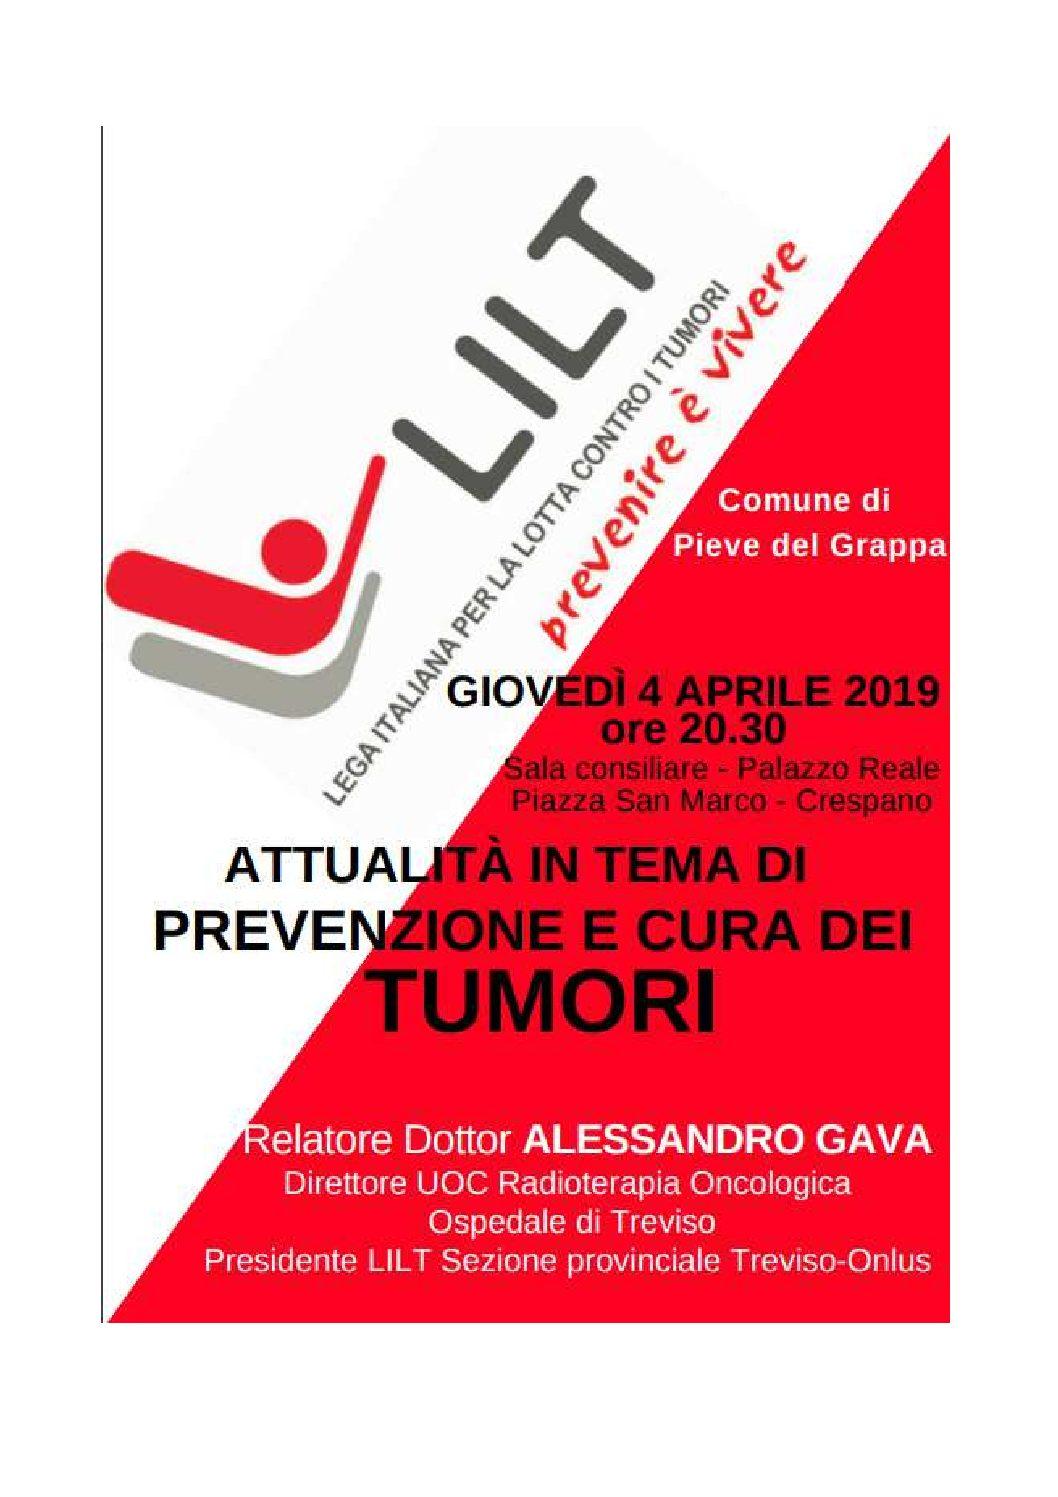 Crespano, 4 aprile - Serata dedicata alla prevenzione